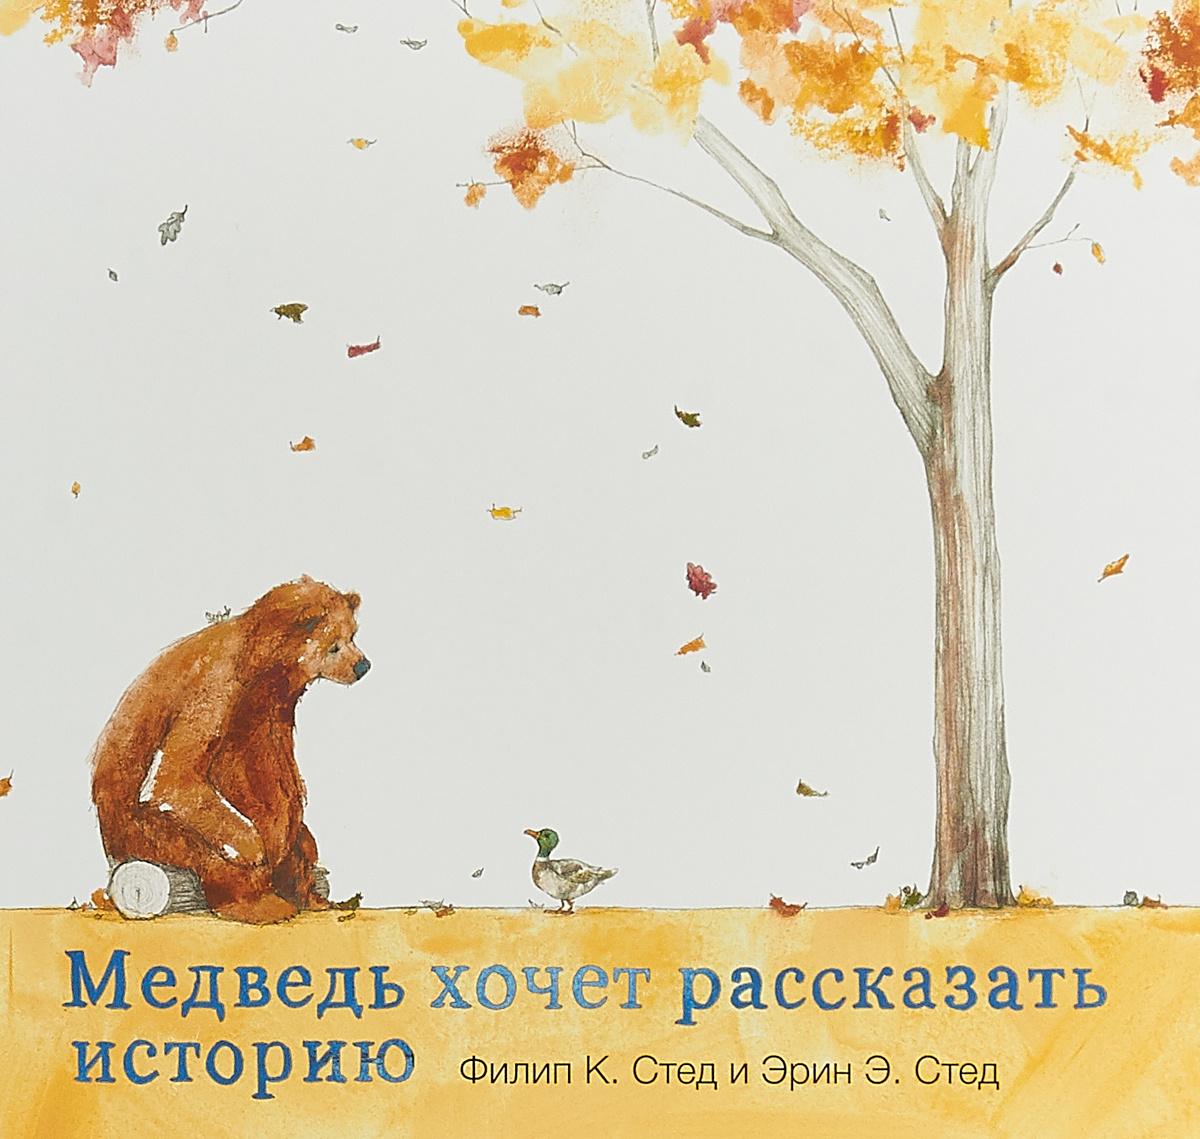 Медведь хочет рассказать историю | Стед Филип #1